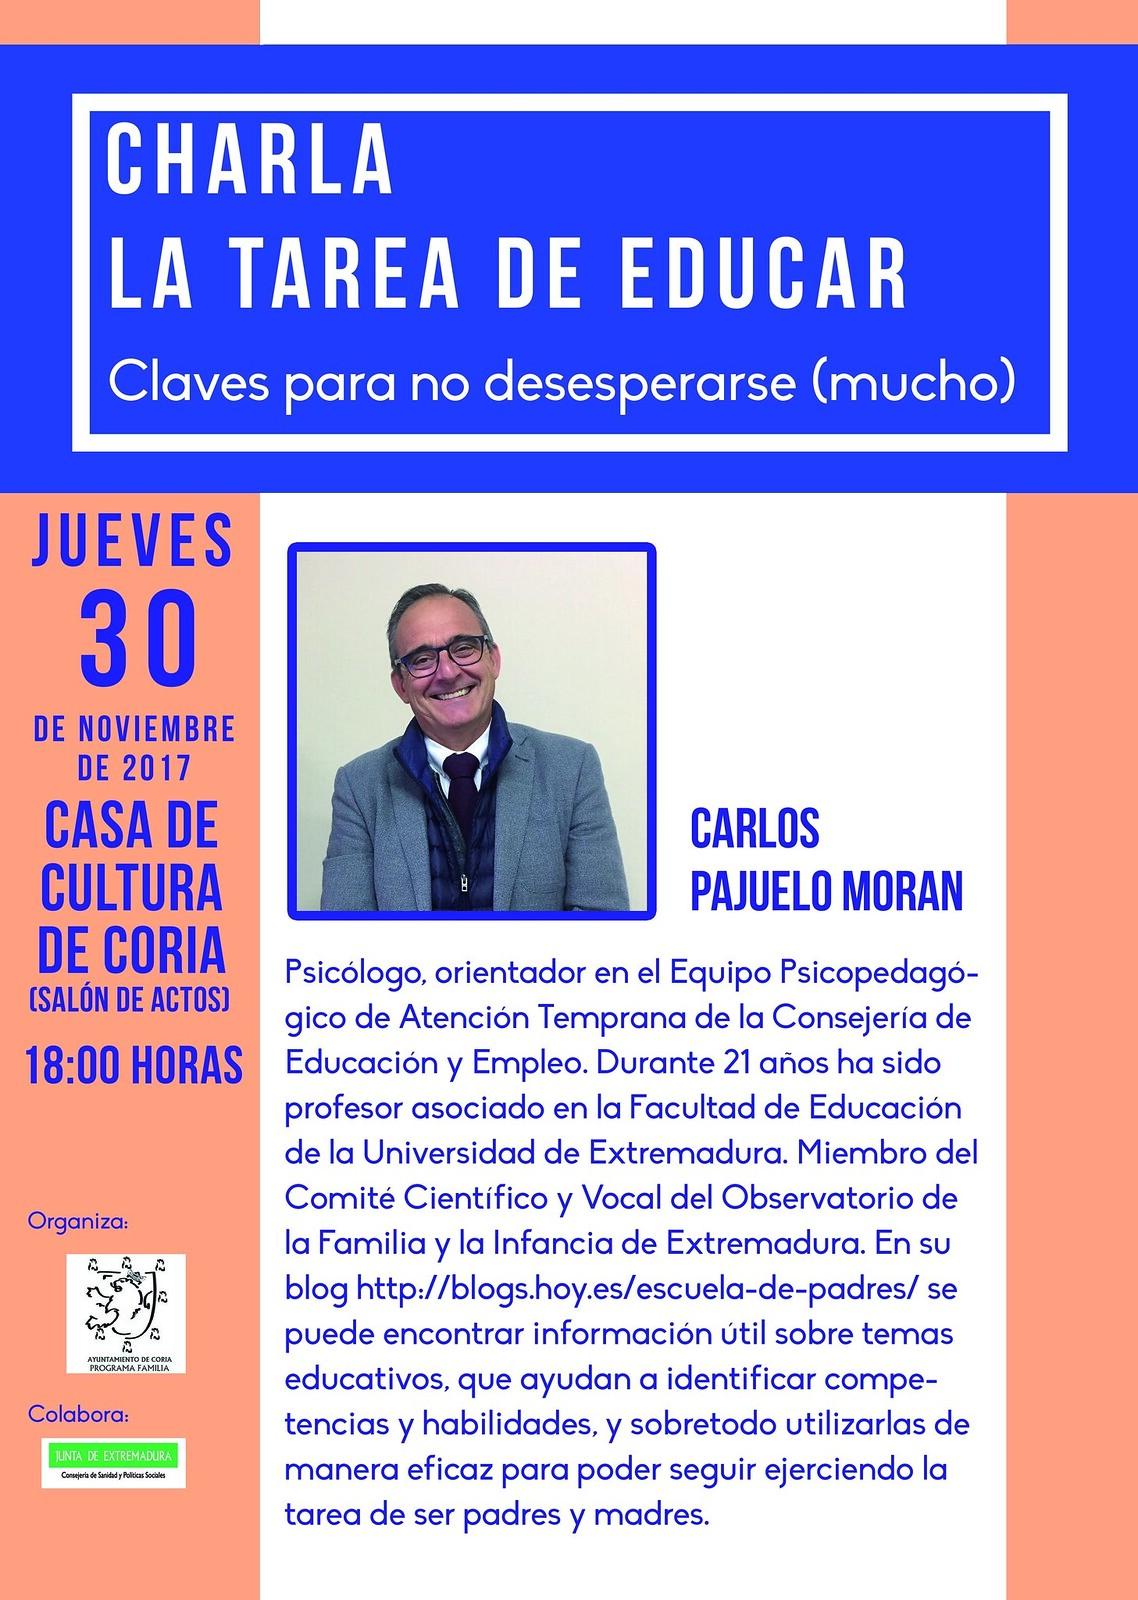 """Charla sobre la tarea de educar. """"Claves para no desesperarse (mucho)"""" con el Psicólogo Carlos Pajuelo"""